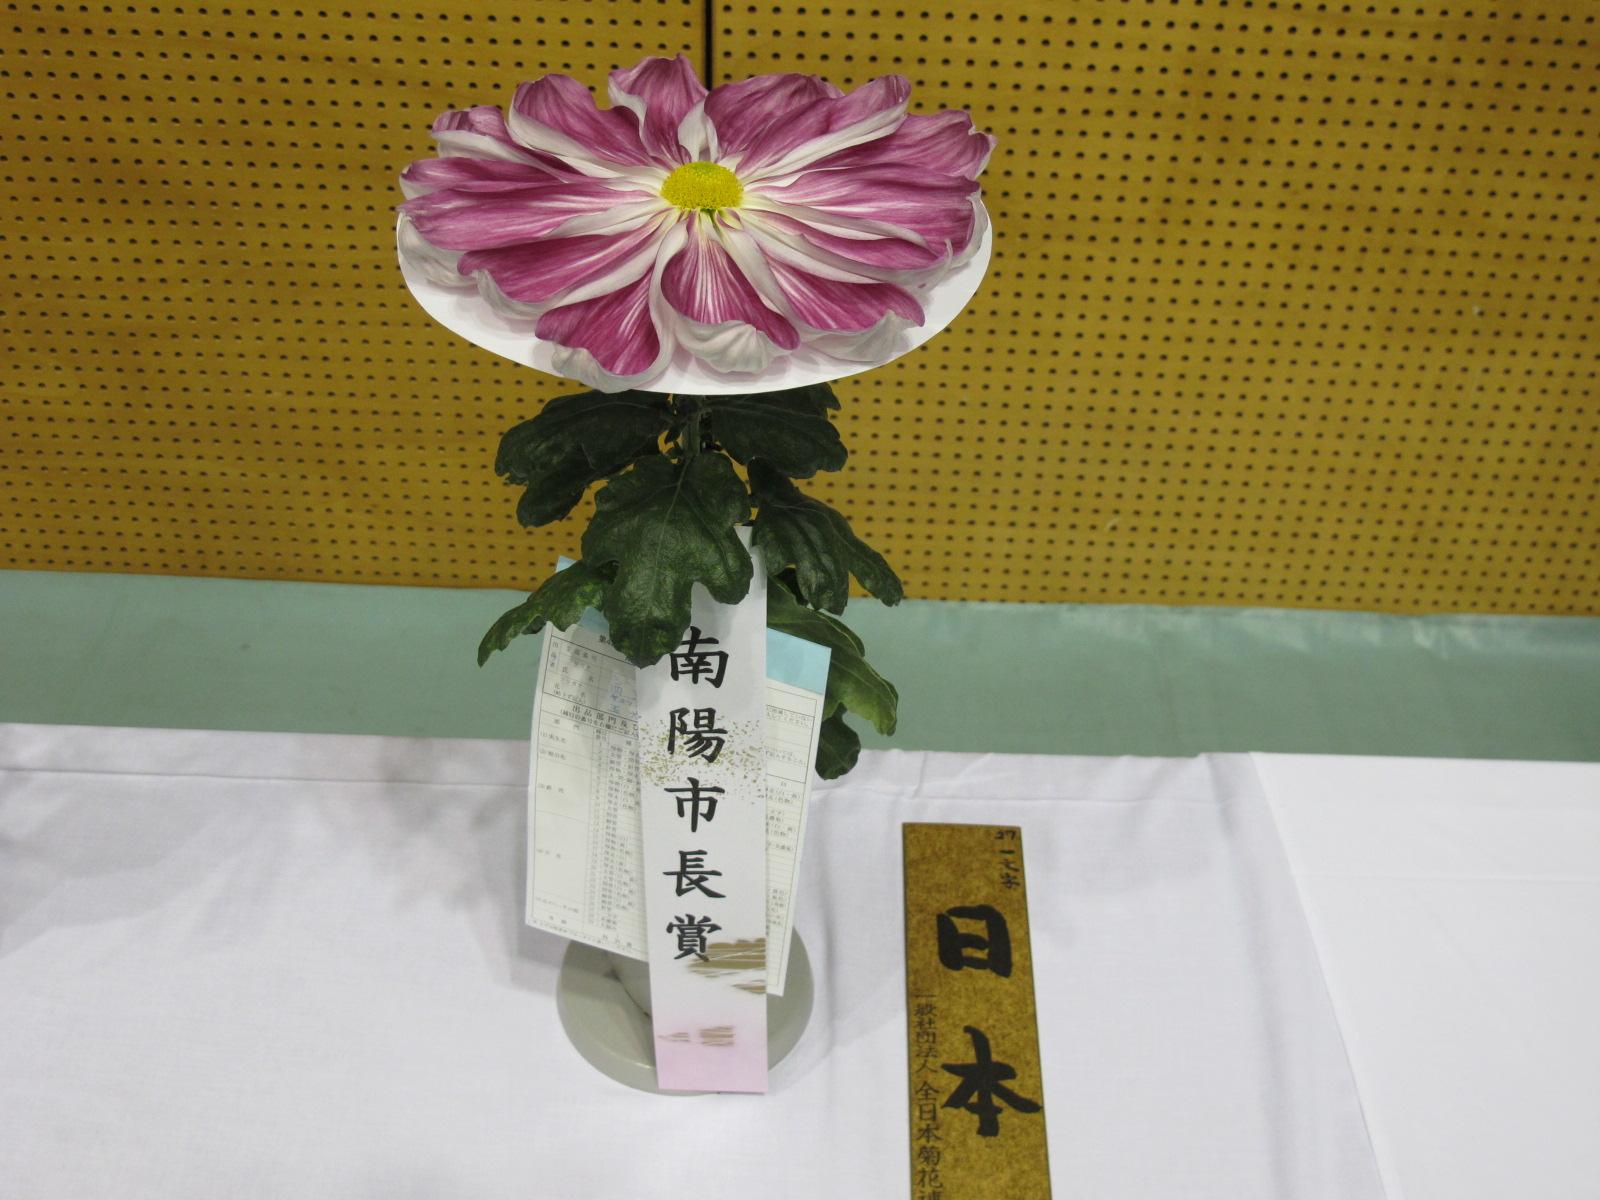 第100回 南陽の菊まつり展(10)_c0075701_18334245.jpg